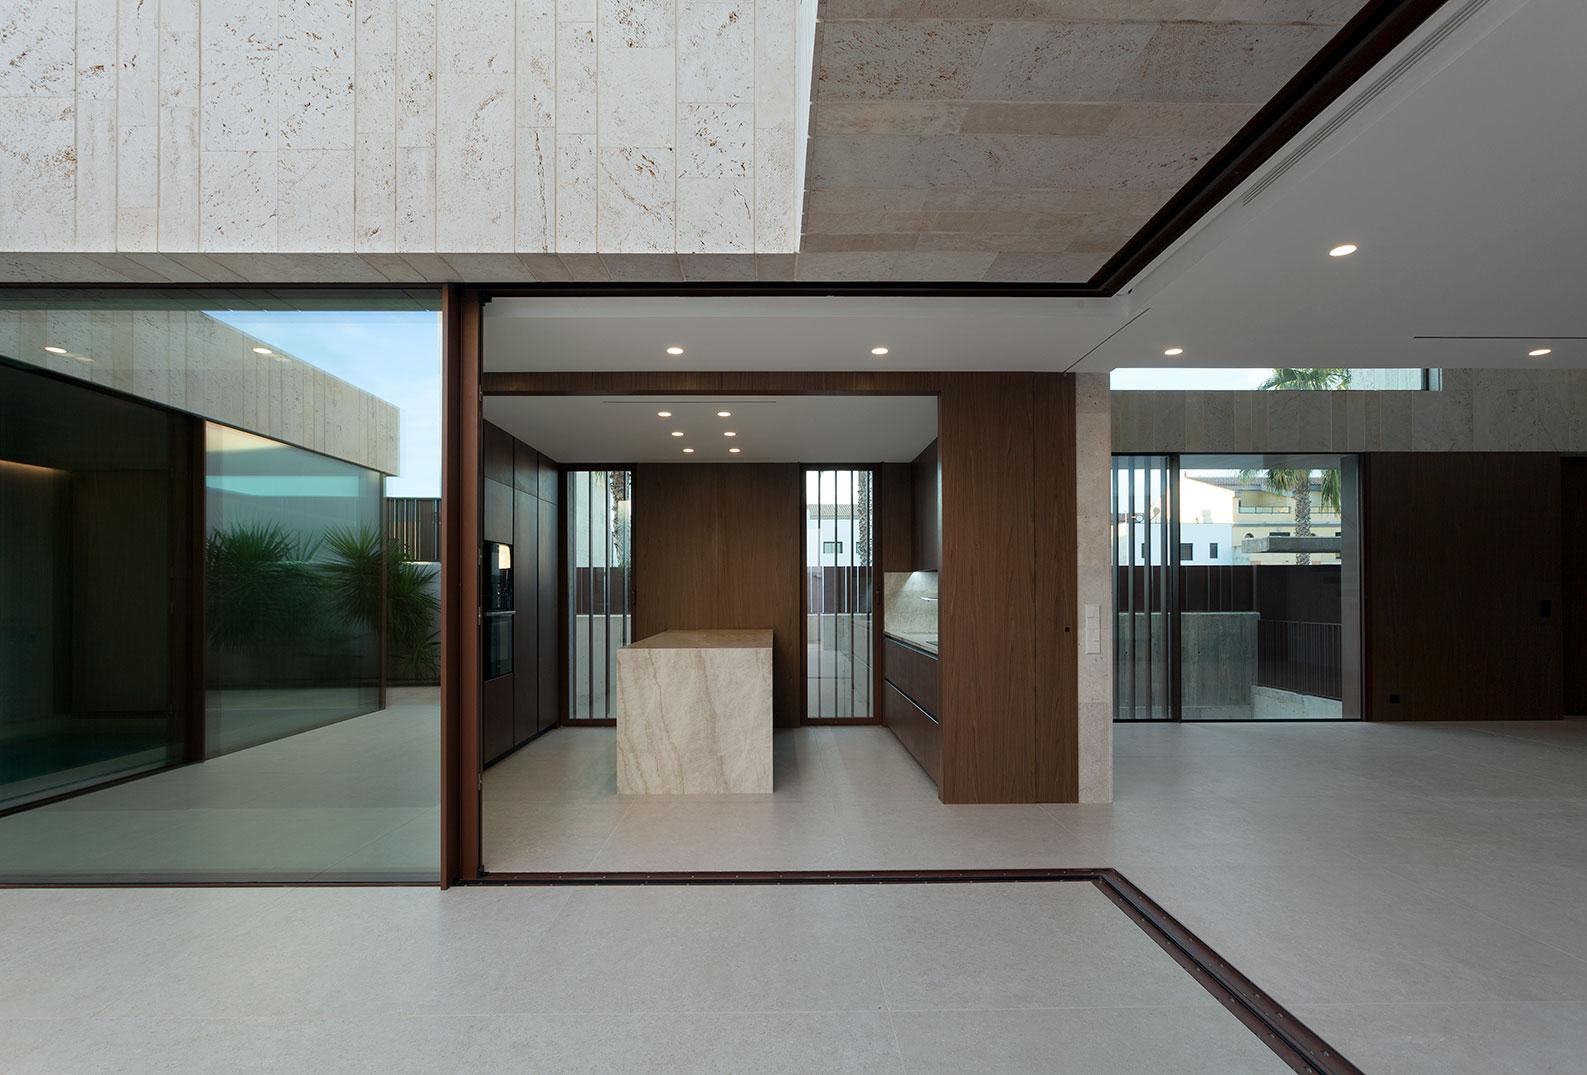 #InsideArchitecture con Antonio Altarriba: la importancia de crear hogares que hagan felices a sus habitantes.